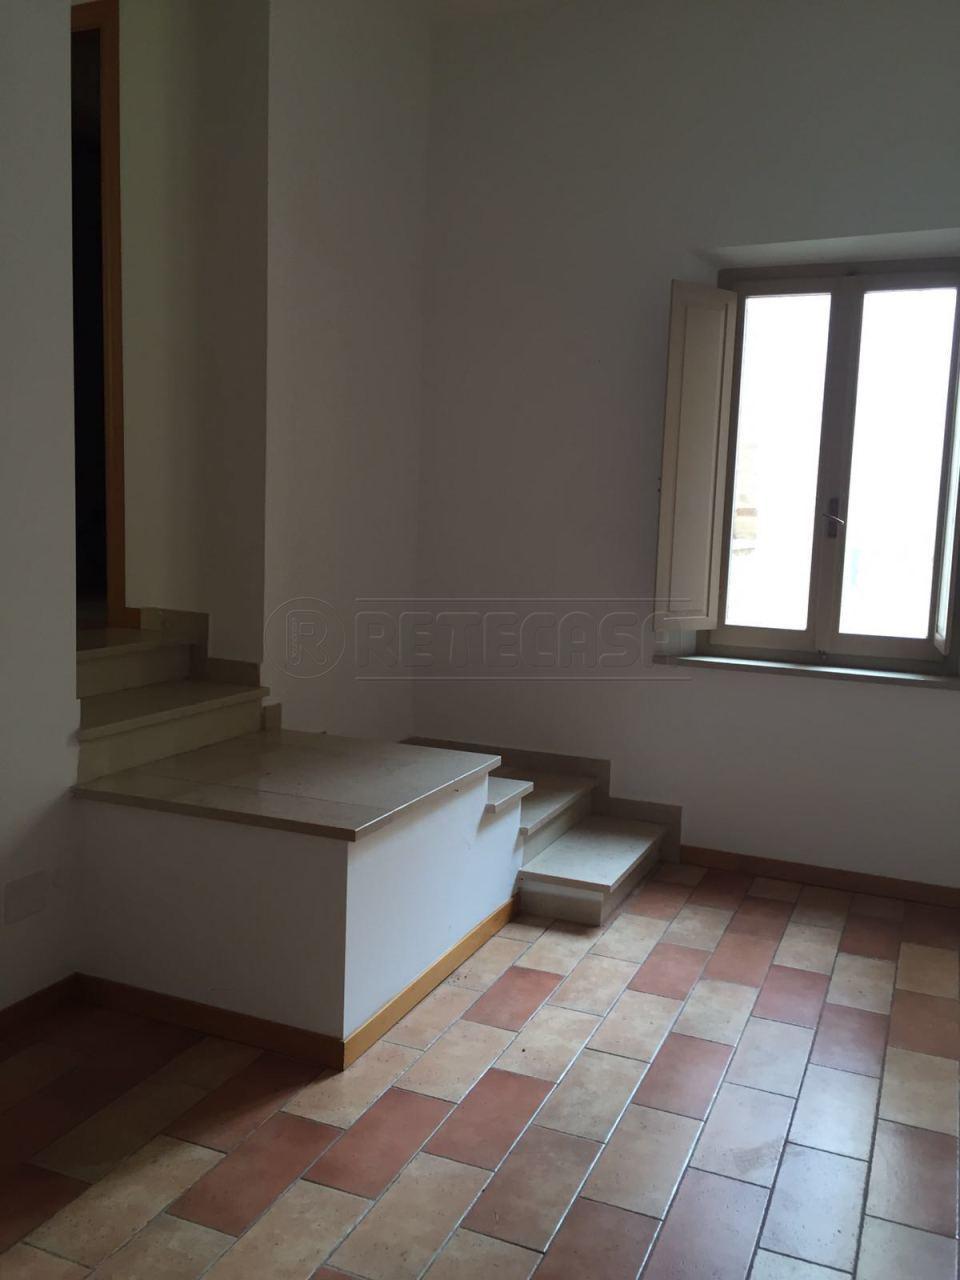 Appartamento in affitto a Osimo, 6 locali, prezzo € 550 | Cambio Casa.it